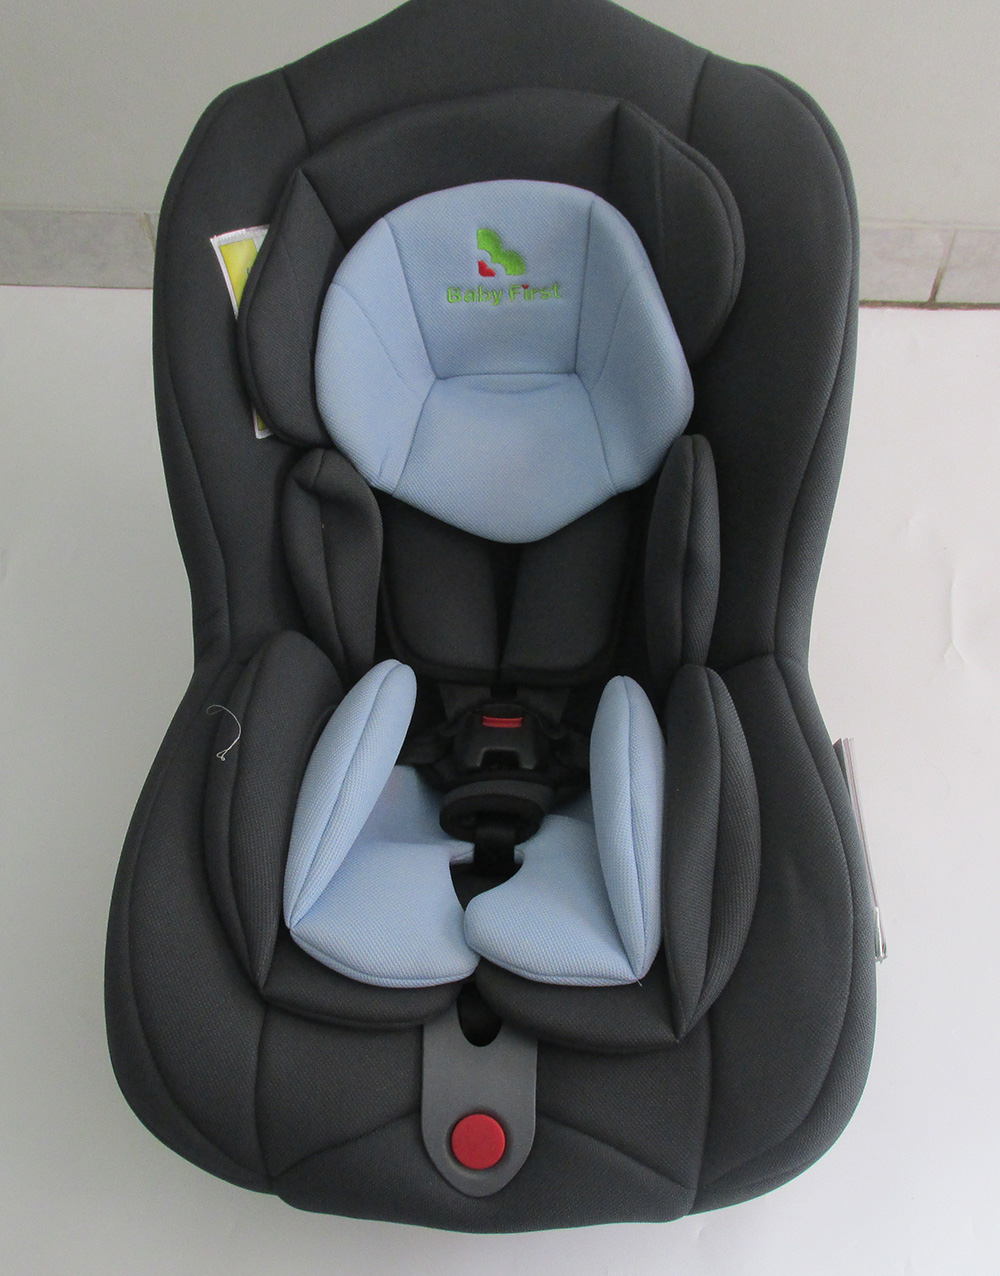 Jual Baby First Car Seat - Kinderstreet | Tokopedia